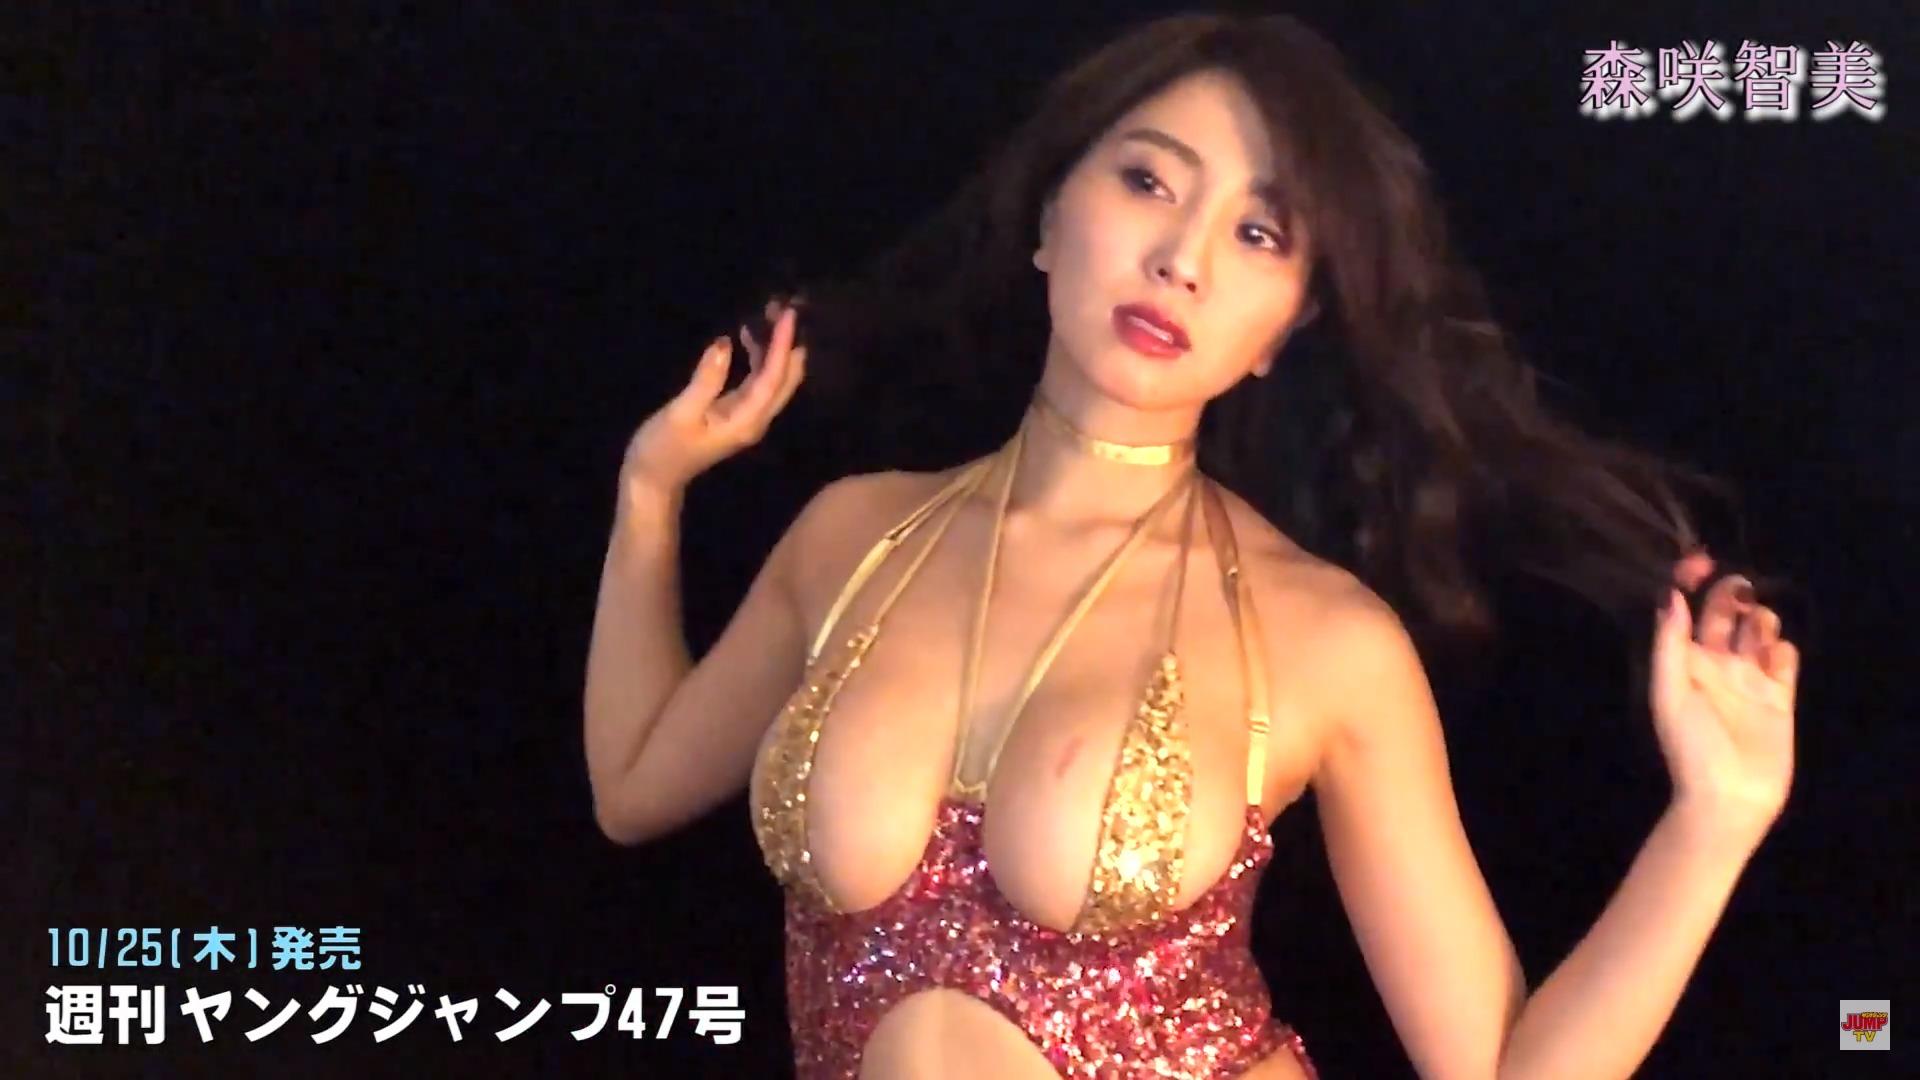 【森咲智美】Gカップ18 ヤンジャングラビア!ポップでおしゃれなコーデで魅了!